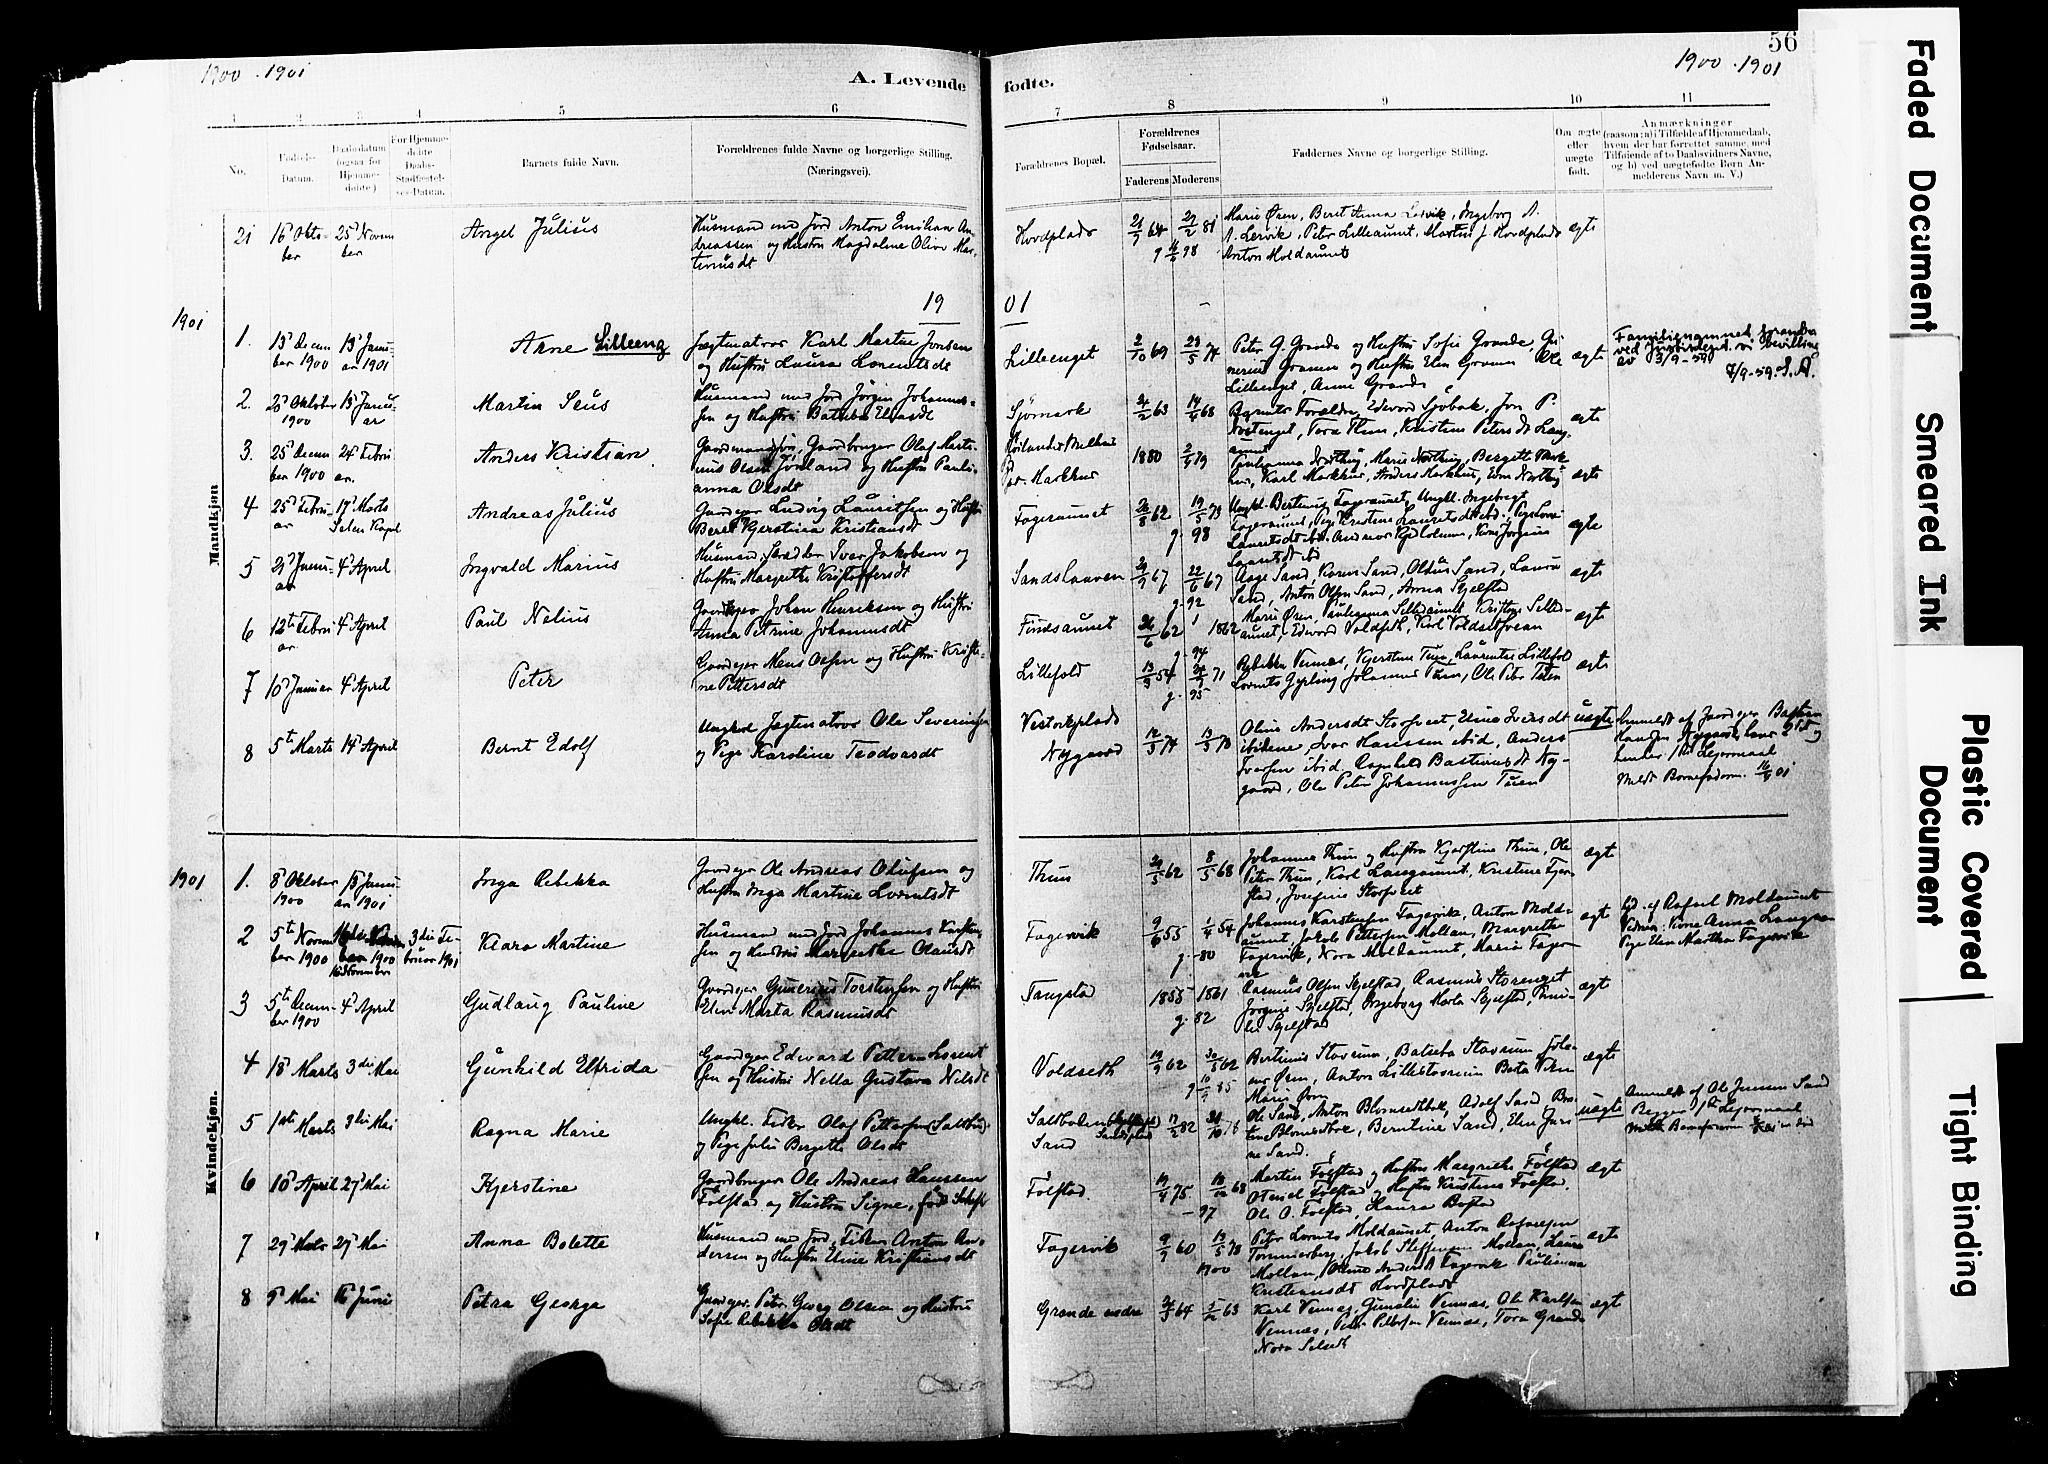 SAT, Ministerialprotokoller, klokkerbøker og fødselsregistre - Nord-Trøndelag, 744/L0420: Ministerialbok nr. 744A04, 1882-1904, s. 56